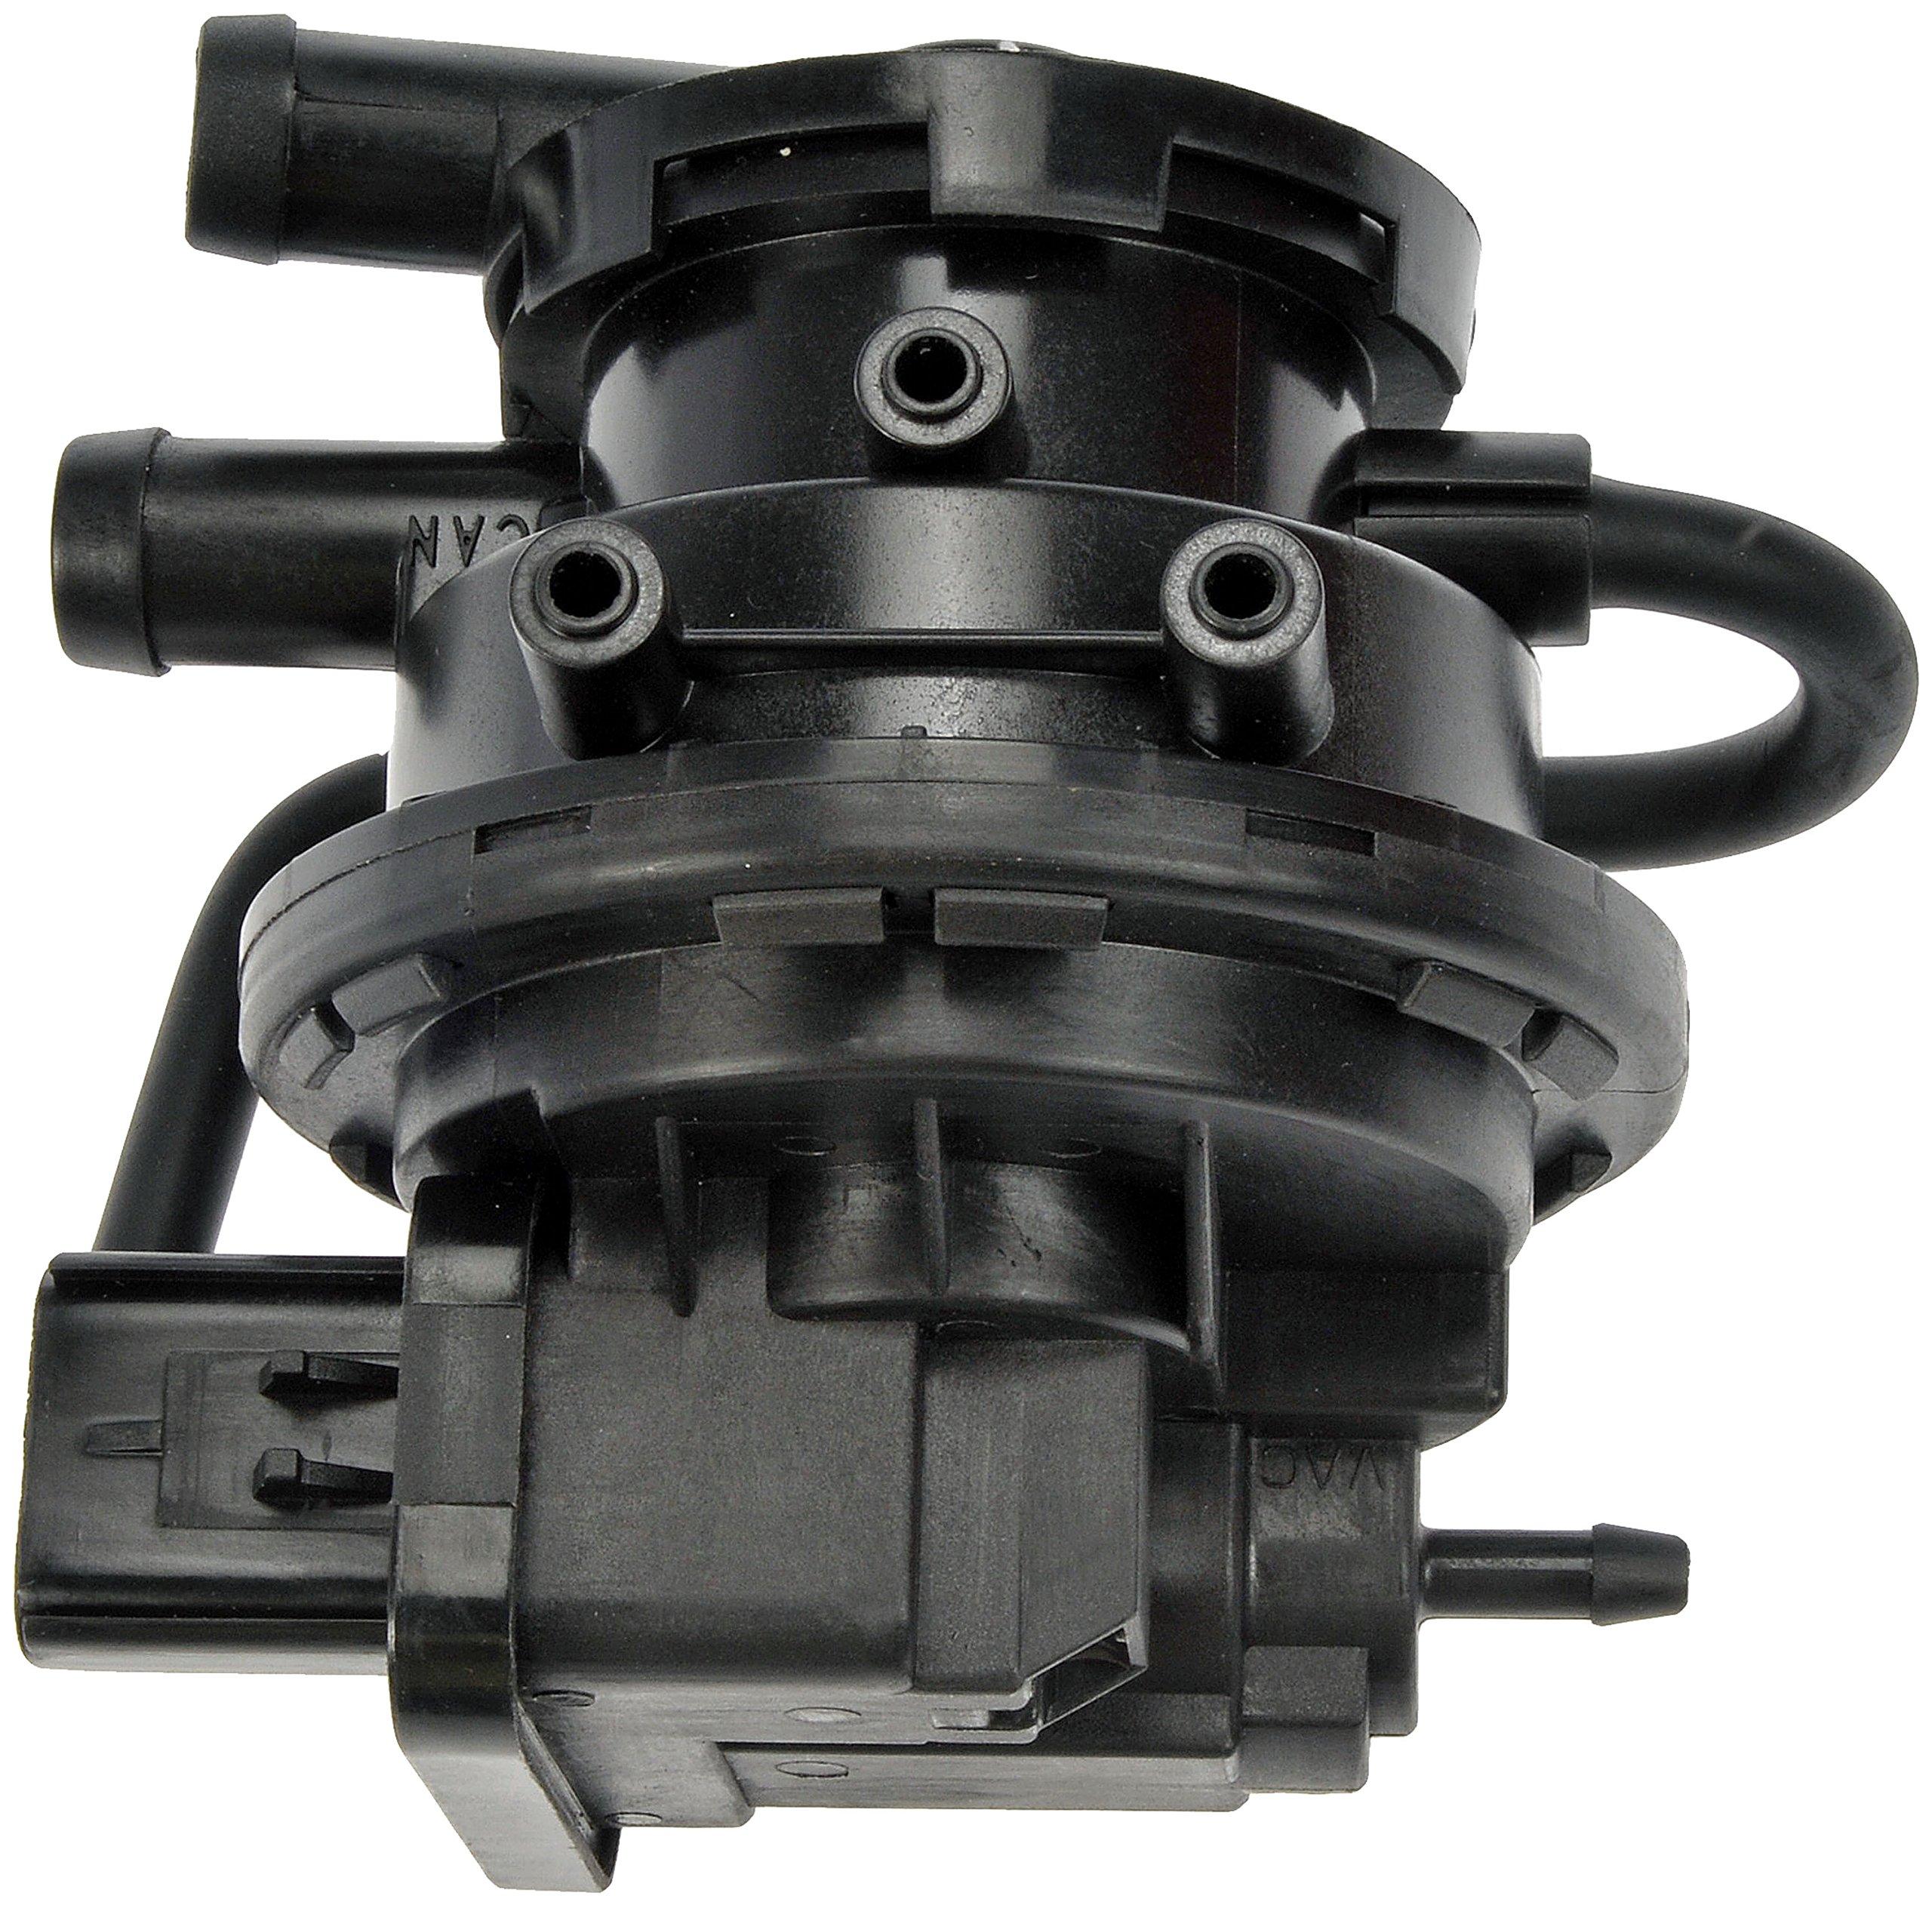 Dorman 310-204 Fuel Vapor Leak Detection Pump by Dorman (Image #1)